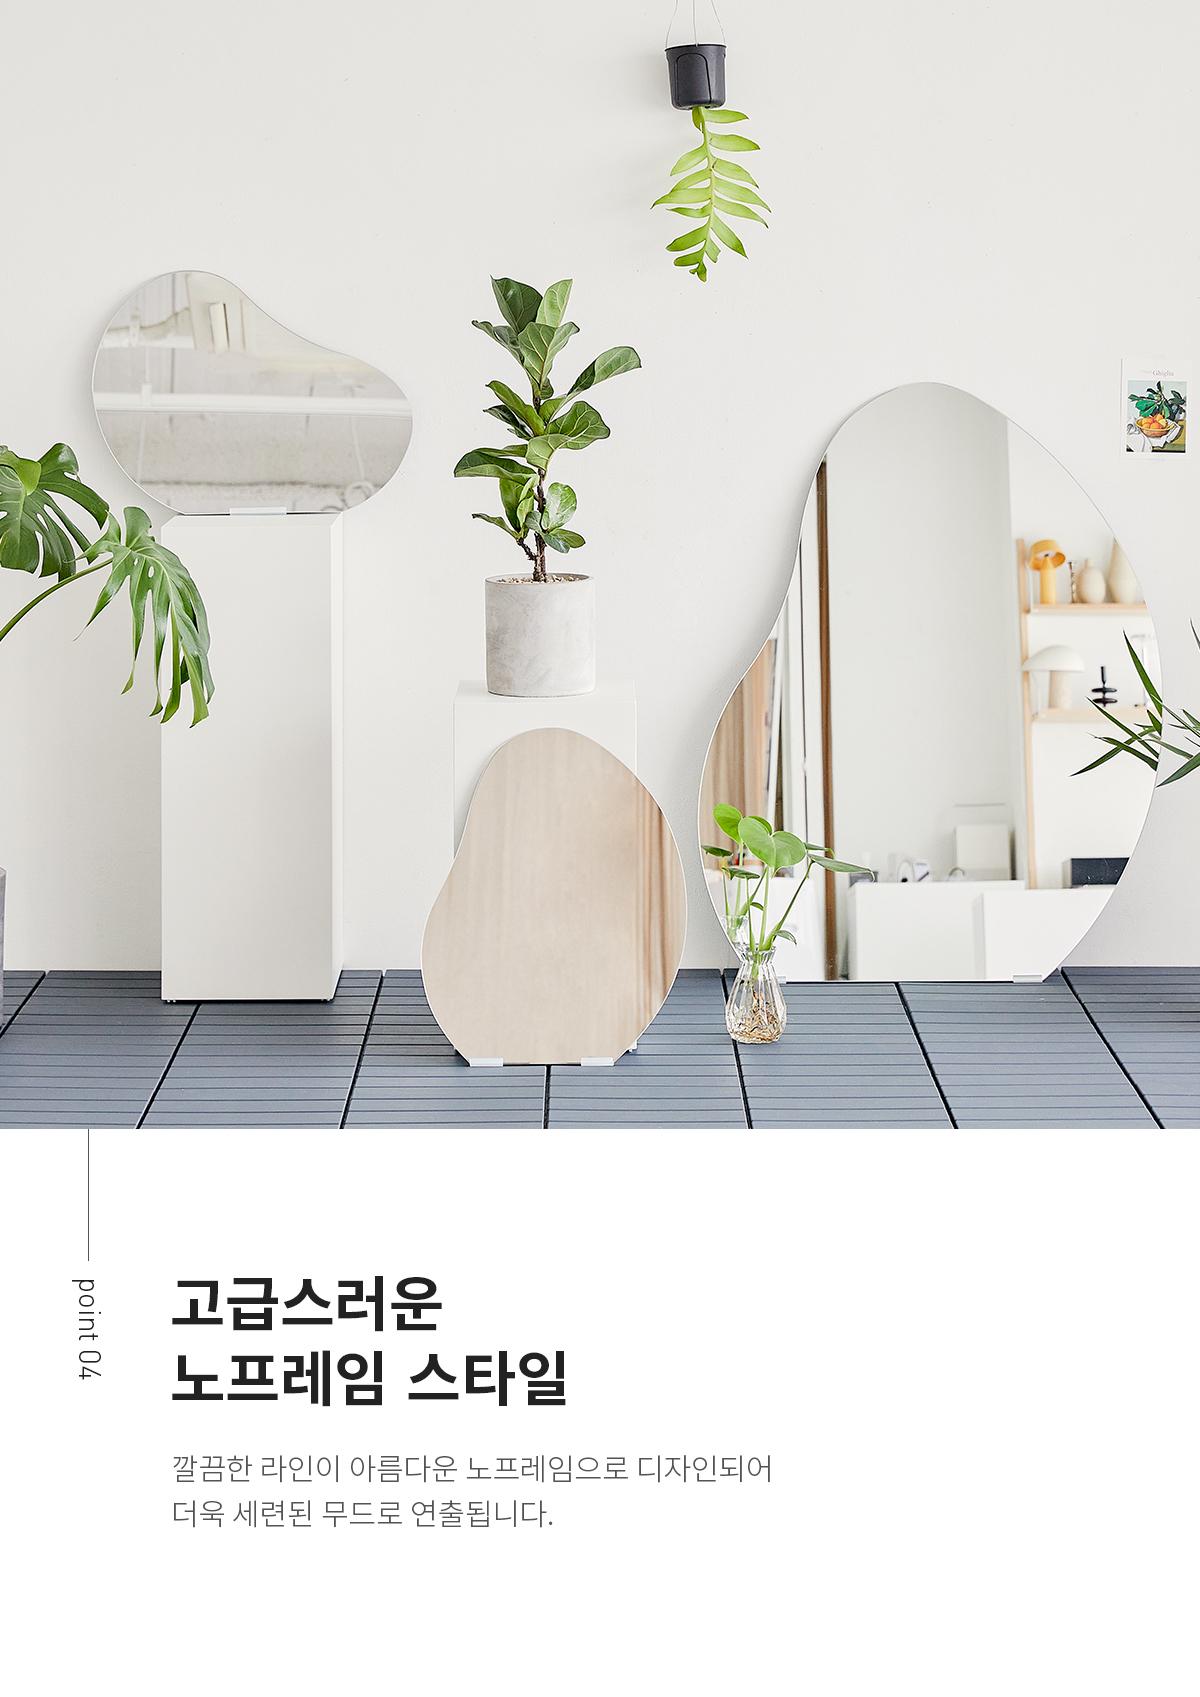 페블 미러 노프레임 비정형 인테리어 거울 M size - 세레스홈, 98,800원, 거울, 탁상거울